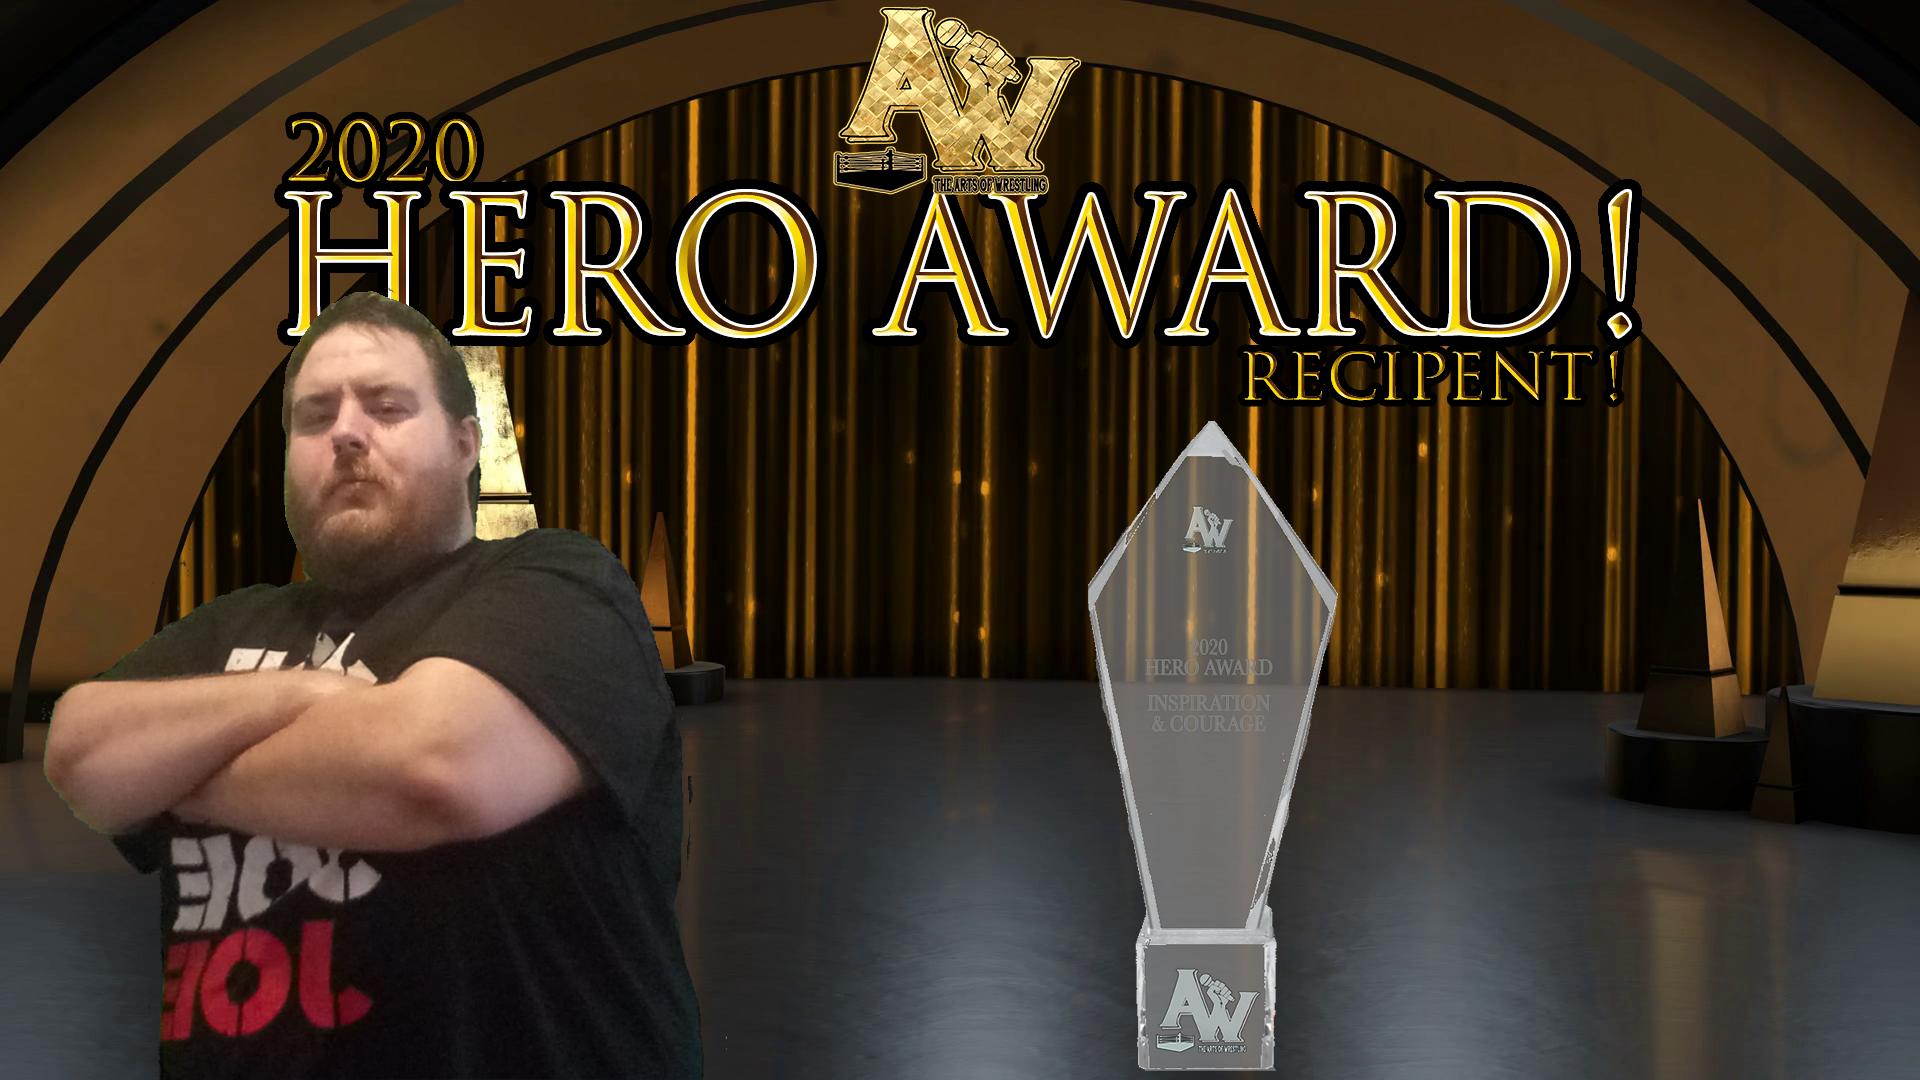 Hero Award.png